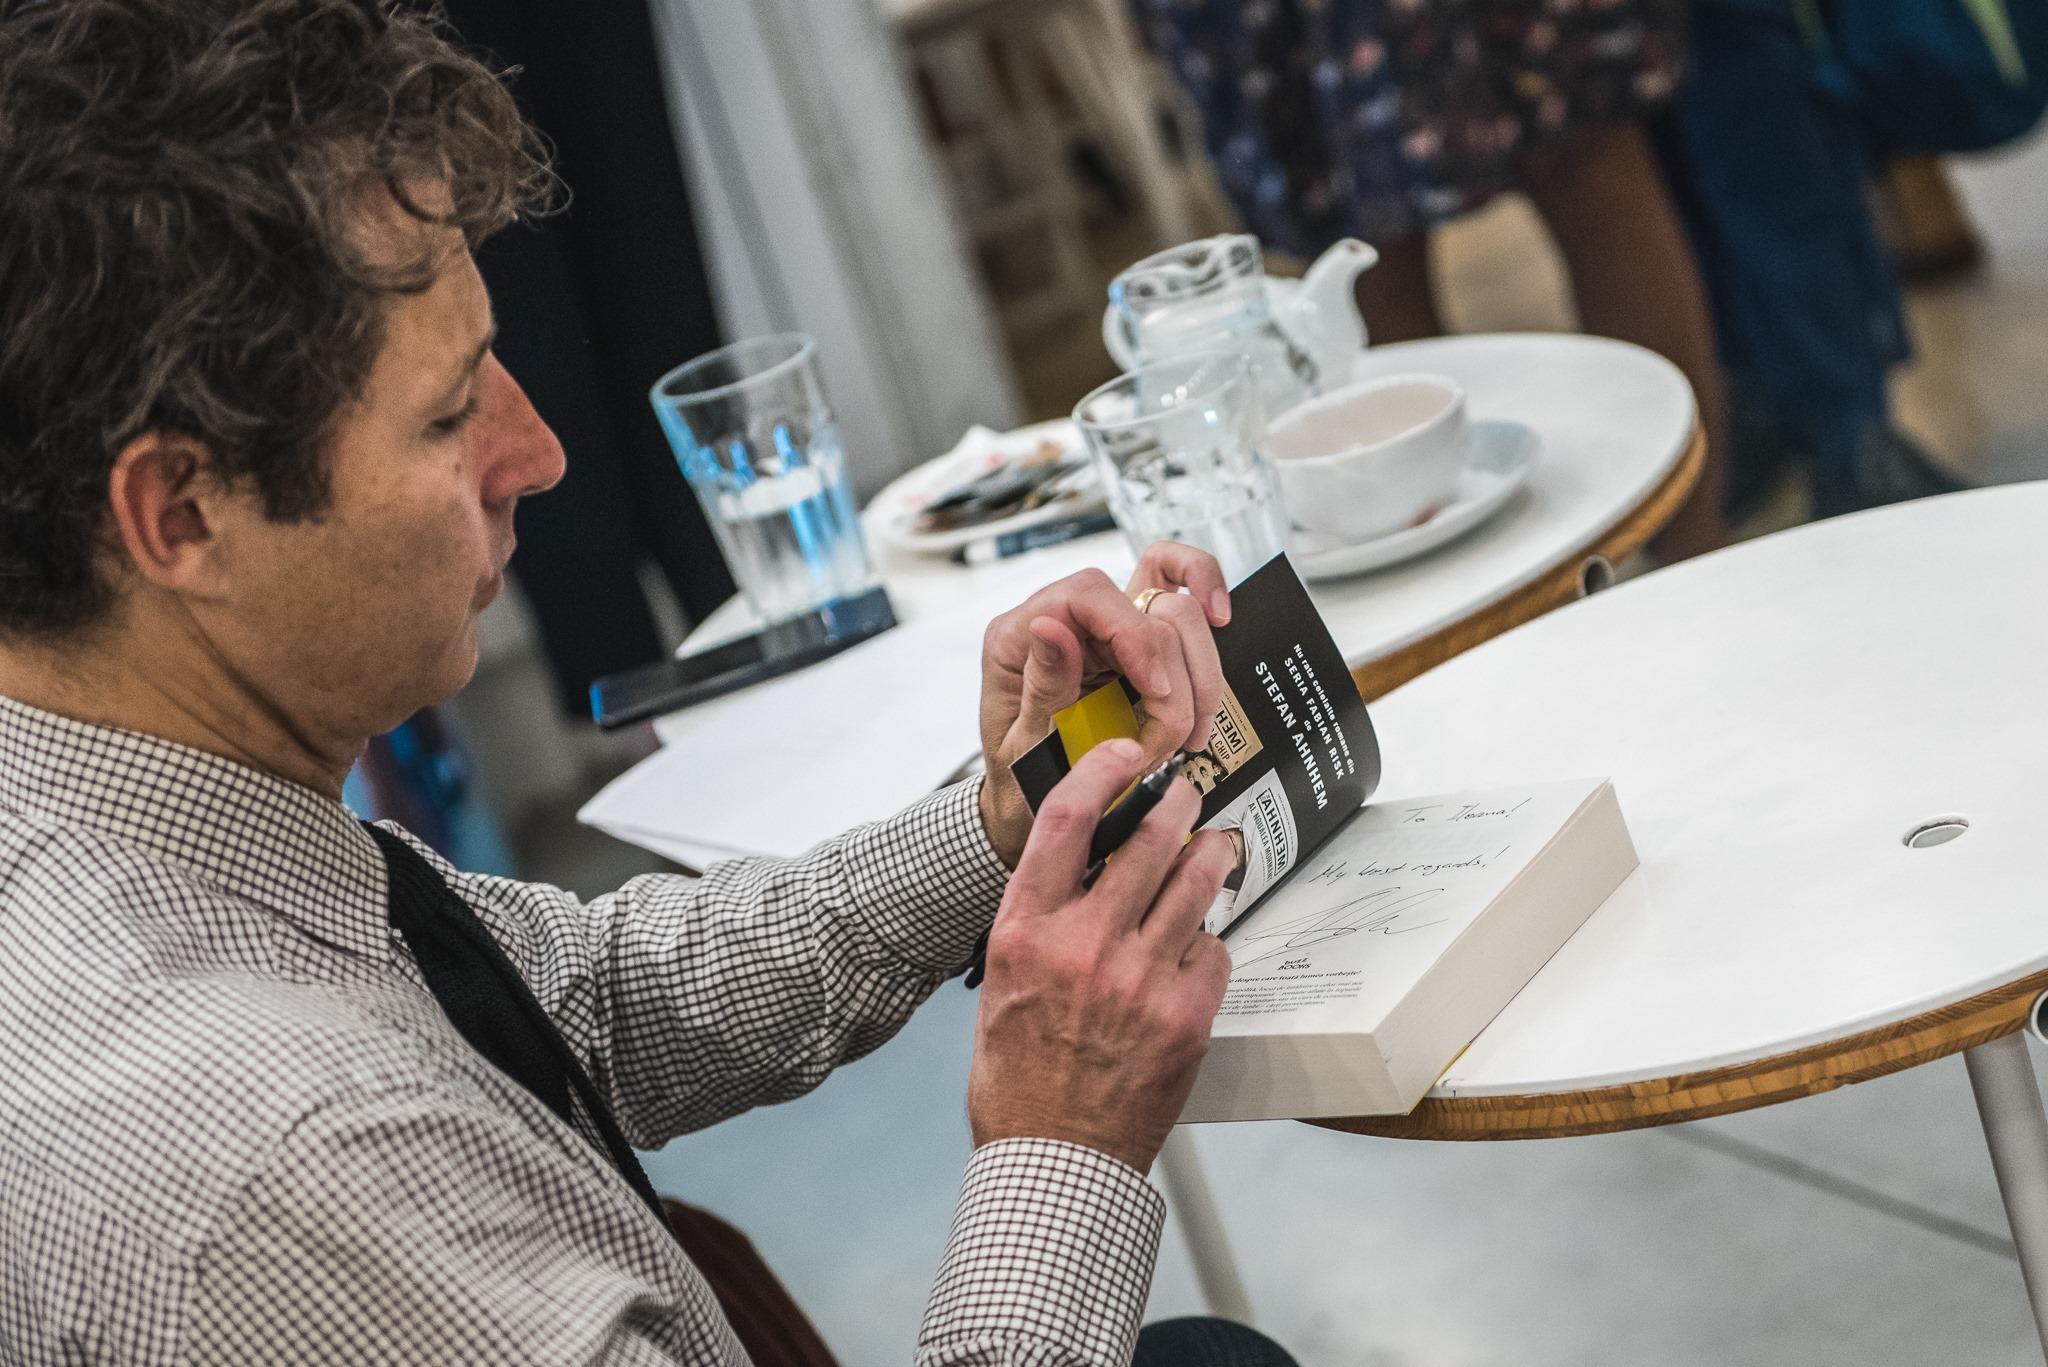 Interviu Scriitorul Suedez Stefan Ahnhem Cand Scrii O Carte E